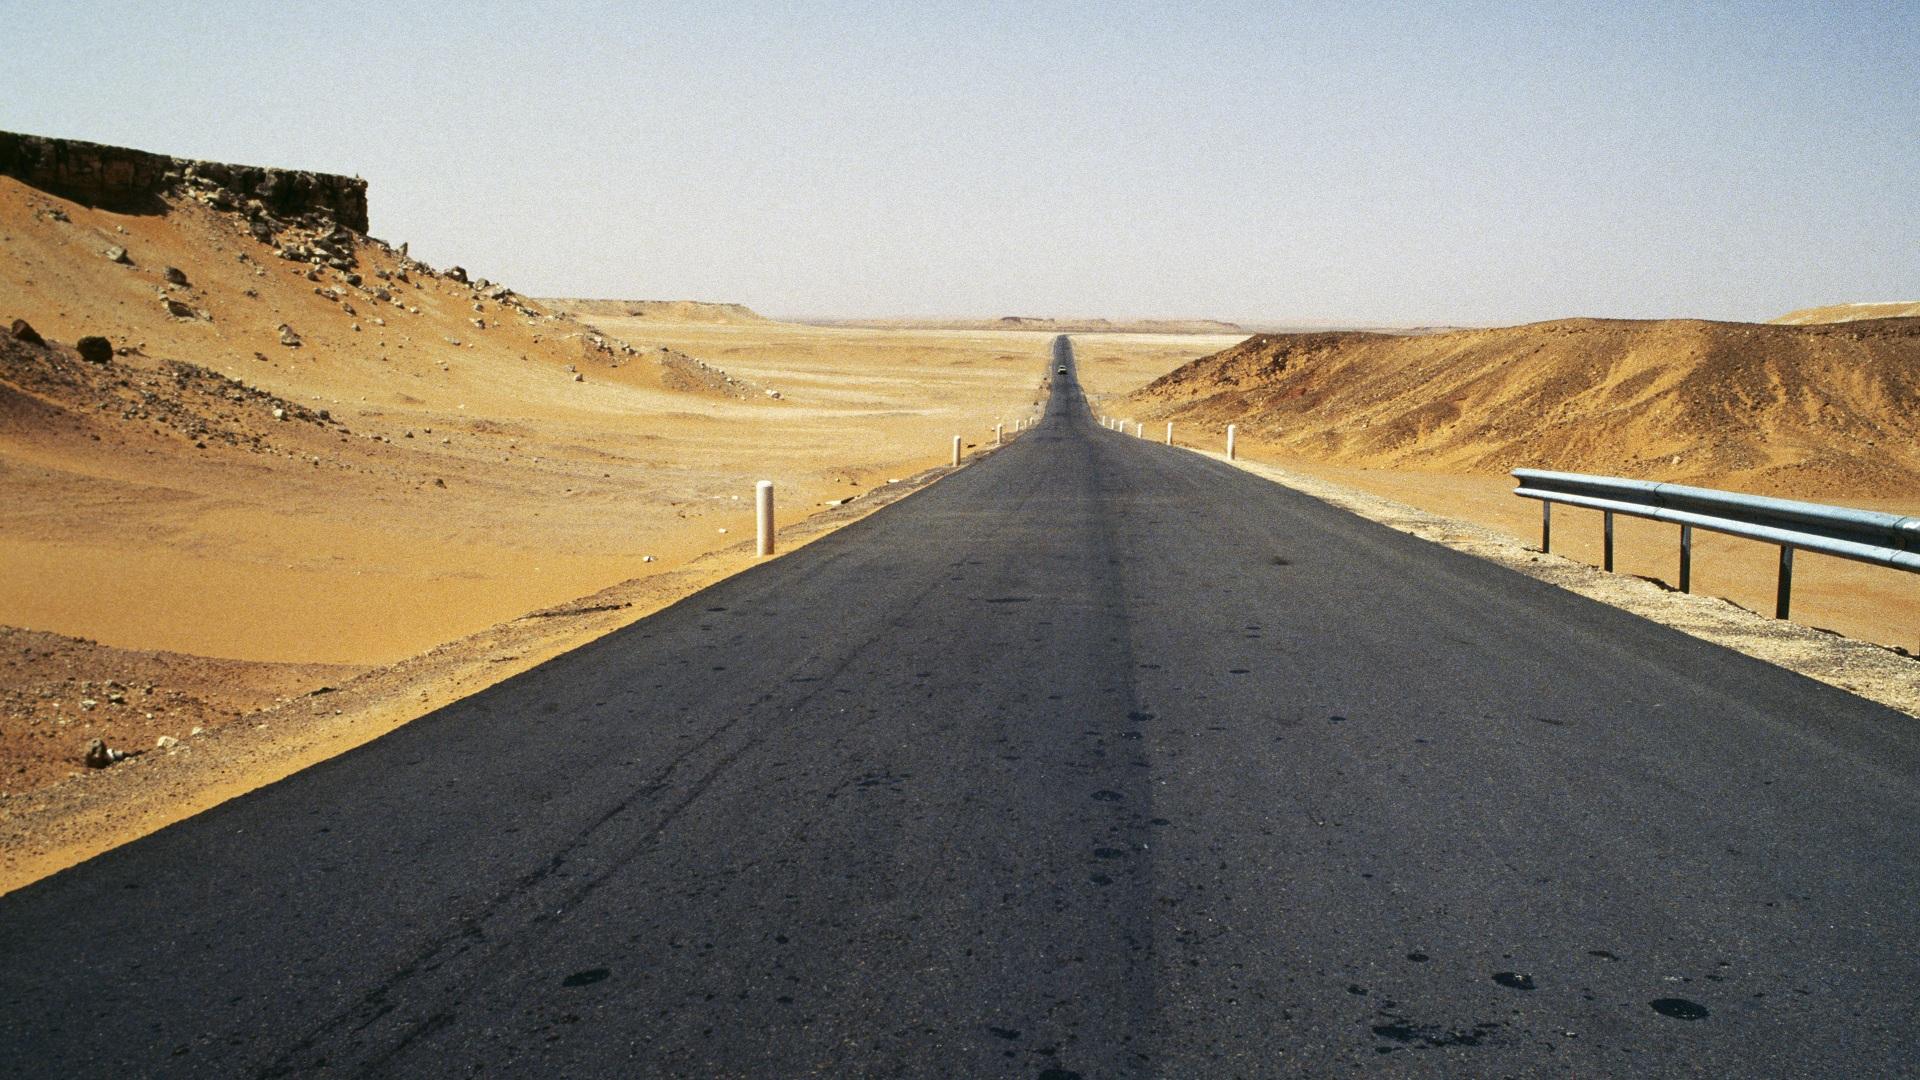 الكشف عن موعد استلام الطريق الرابط بين الجزائر ونيجيريا